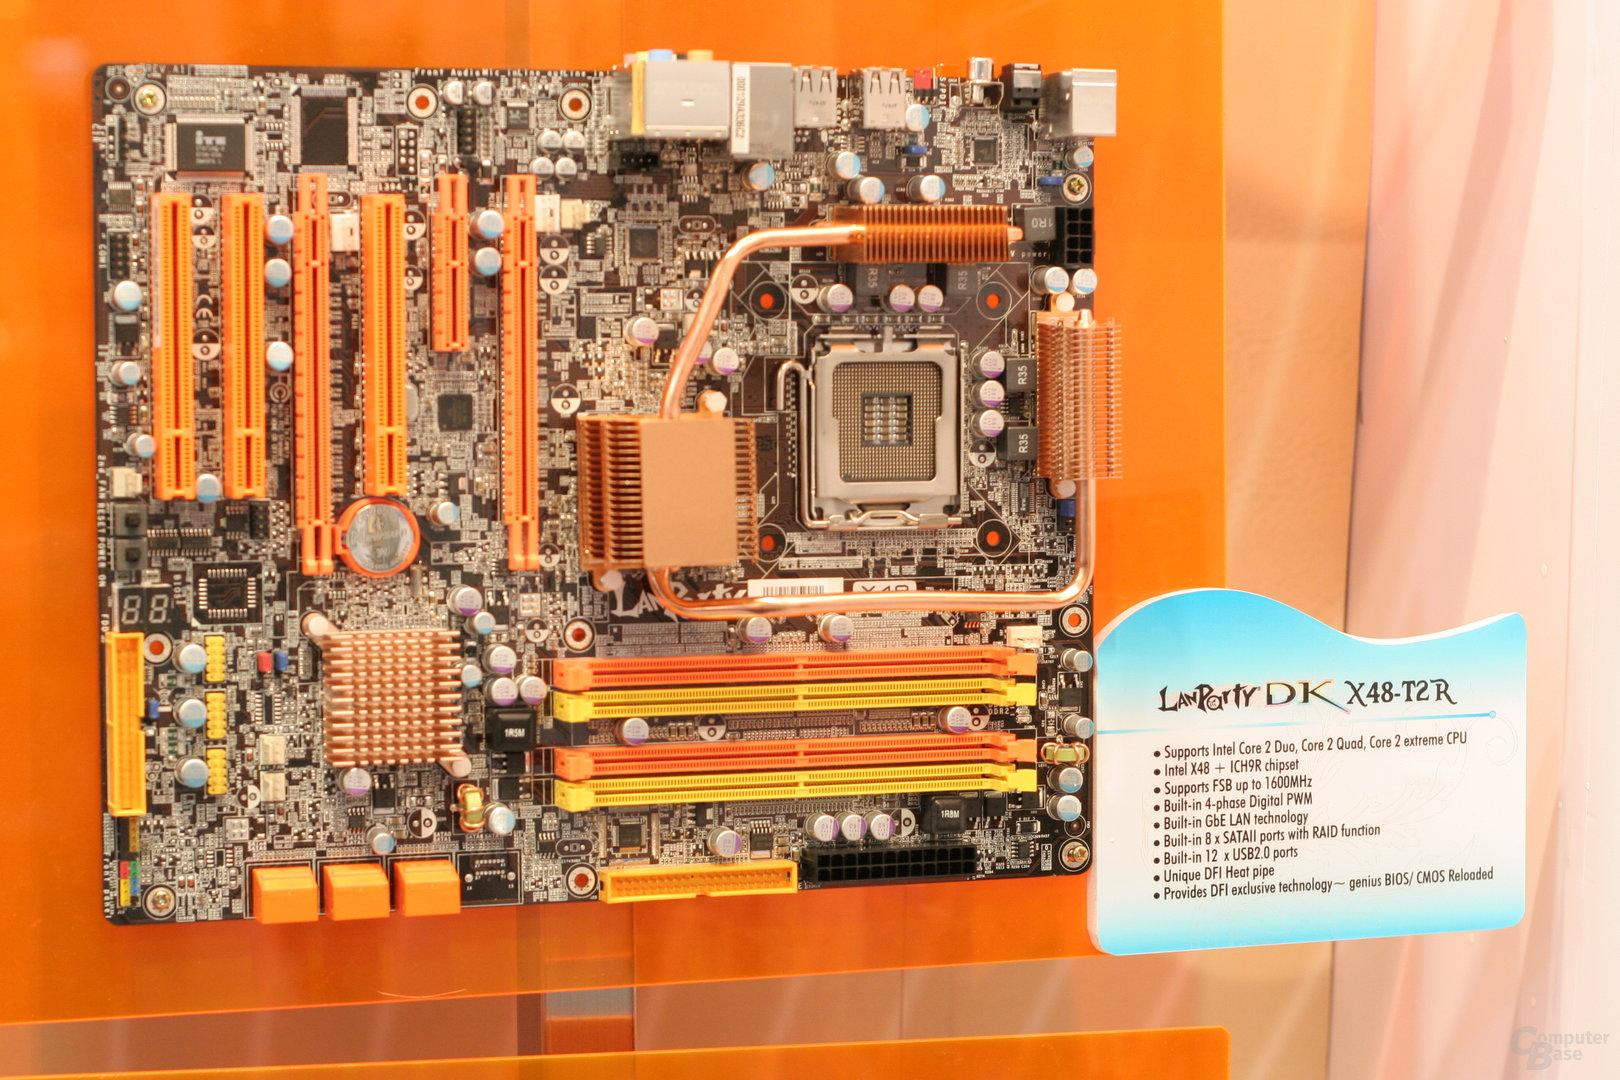 DFI LanParty DK X48-T2R